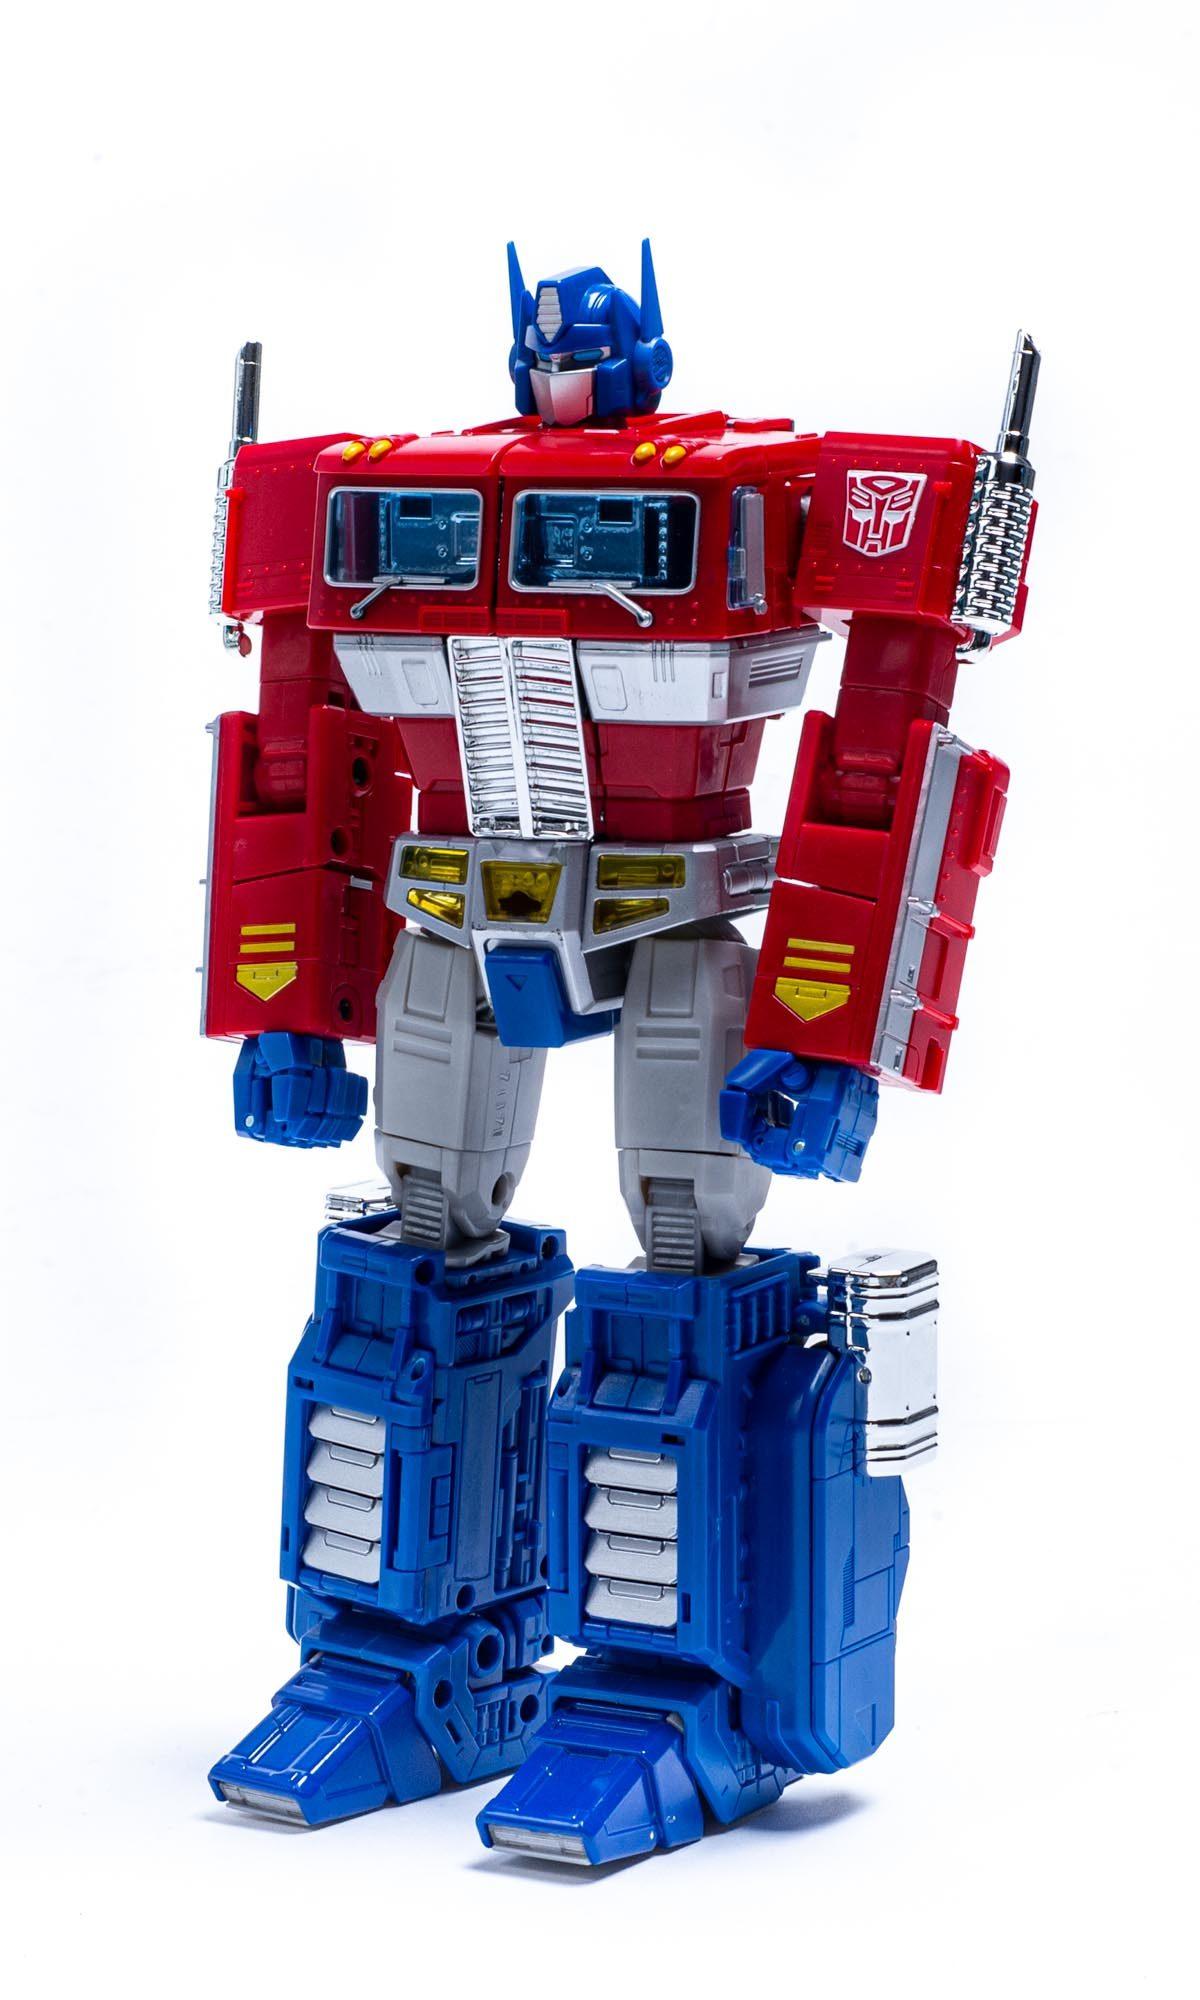 20190627-20190627-Transformers Optimus Prime-7383